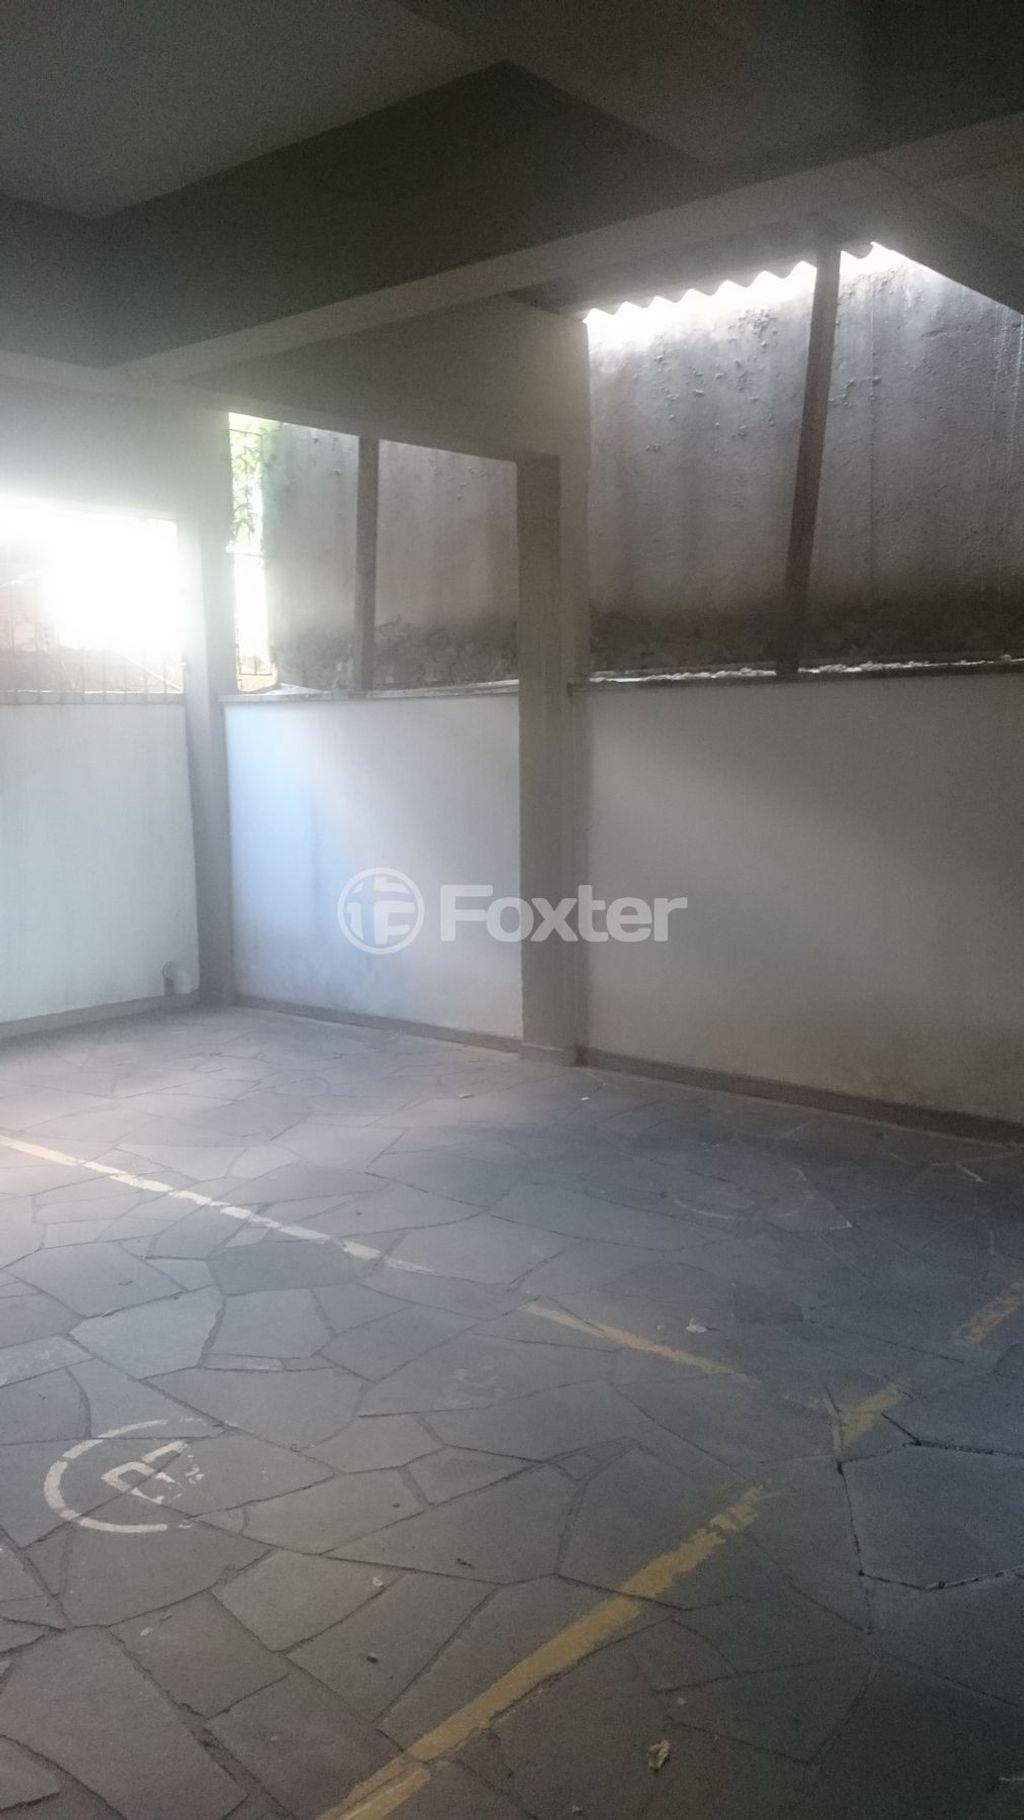 Foxter Imobiliária - Cobertura 3 Dorm (137279) - Foto 21